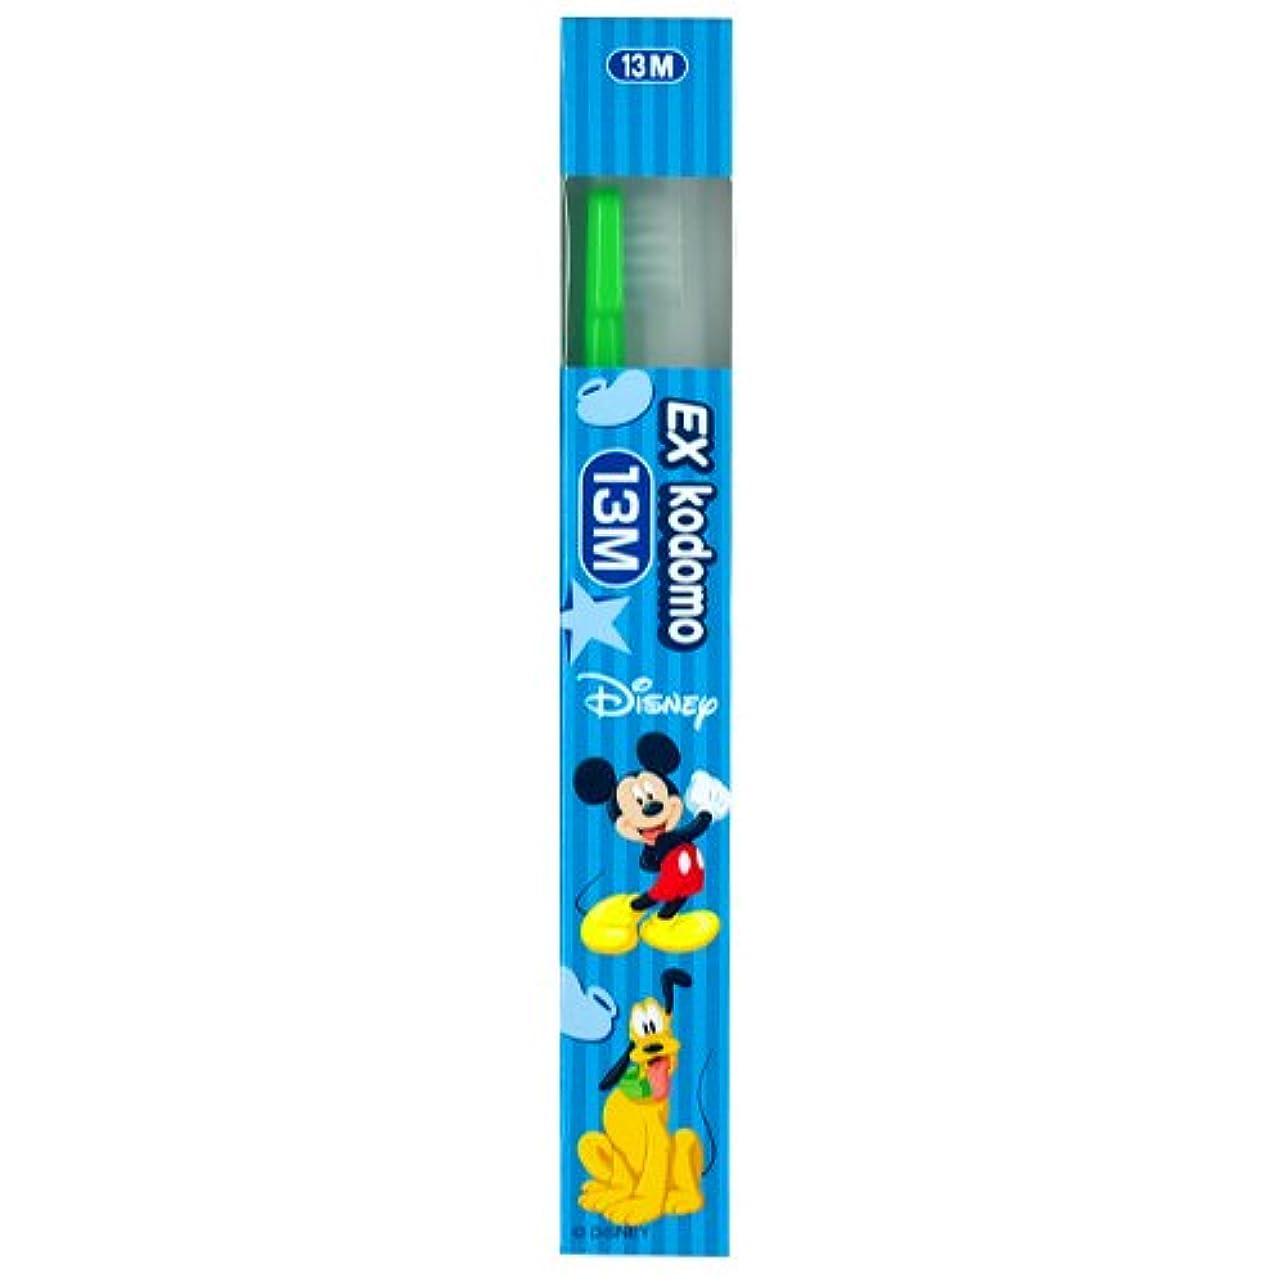 矢じりコンドームためにライオン EX kodomo ディズニー 歯ブラシ 1本 13M グリーン